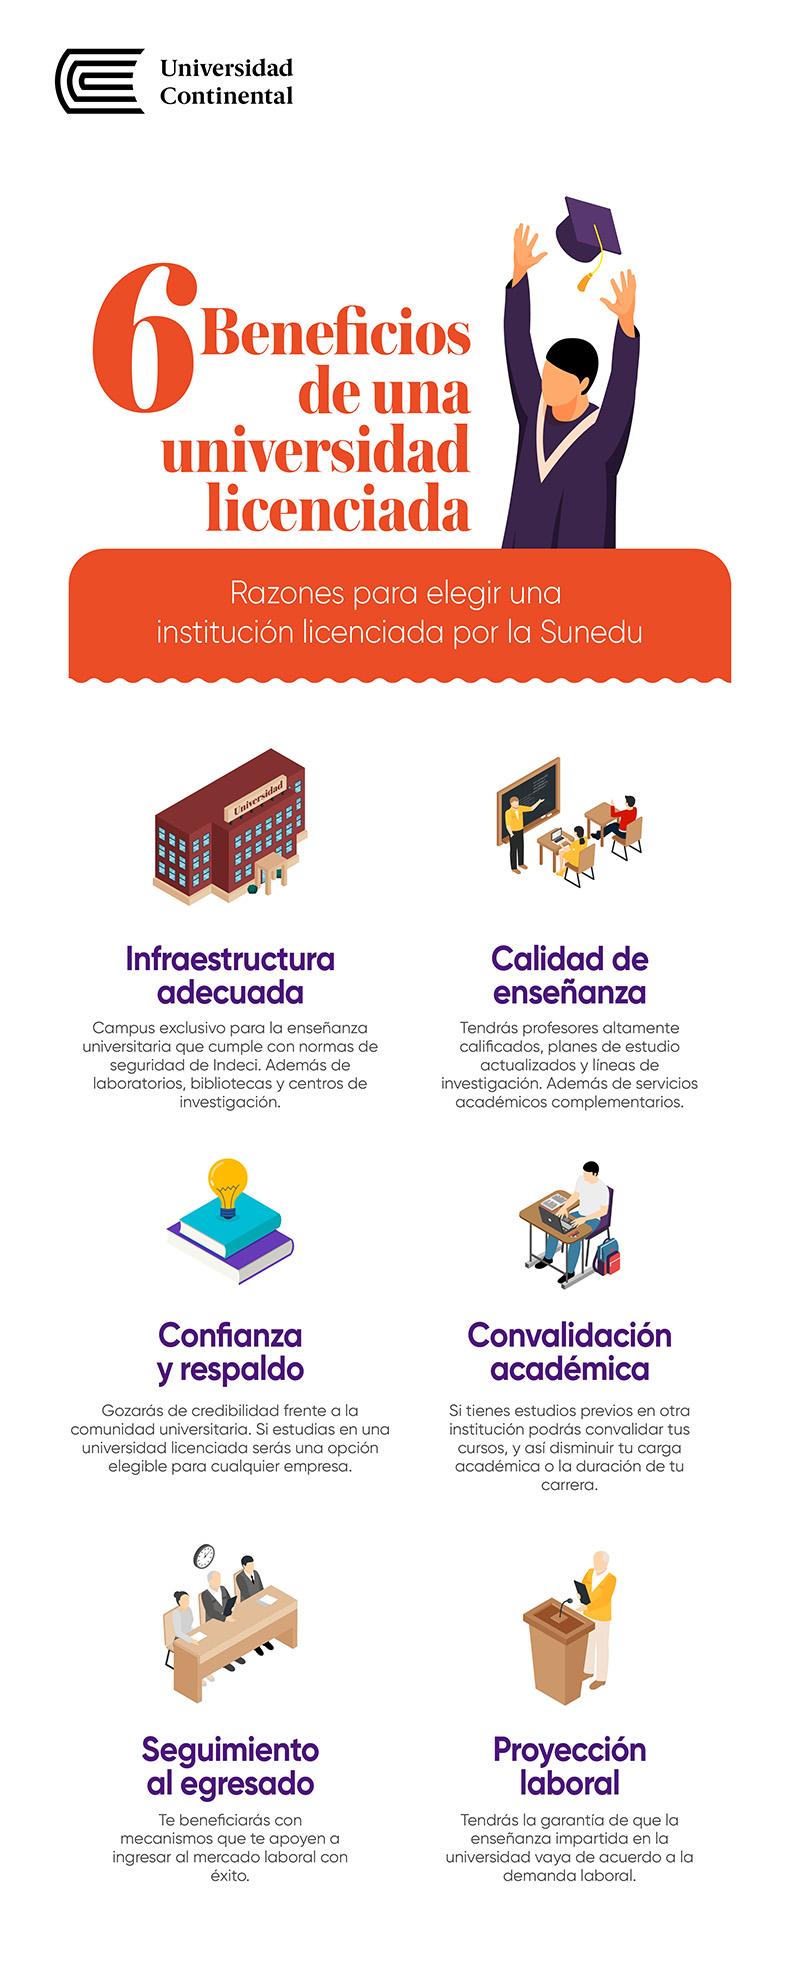 Beneficios-una-universidad-licenciada-universidad-continental